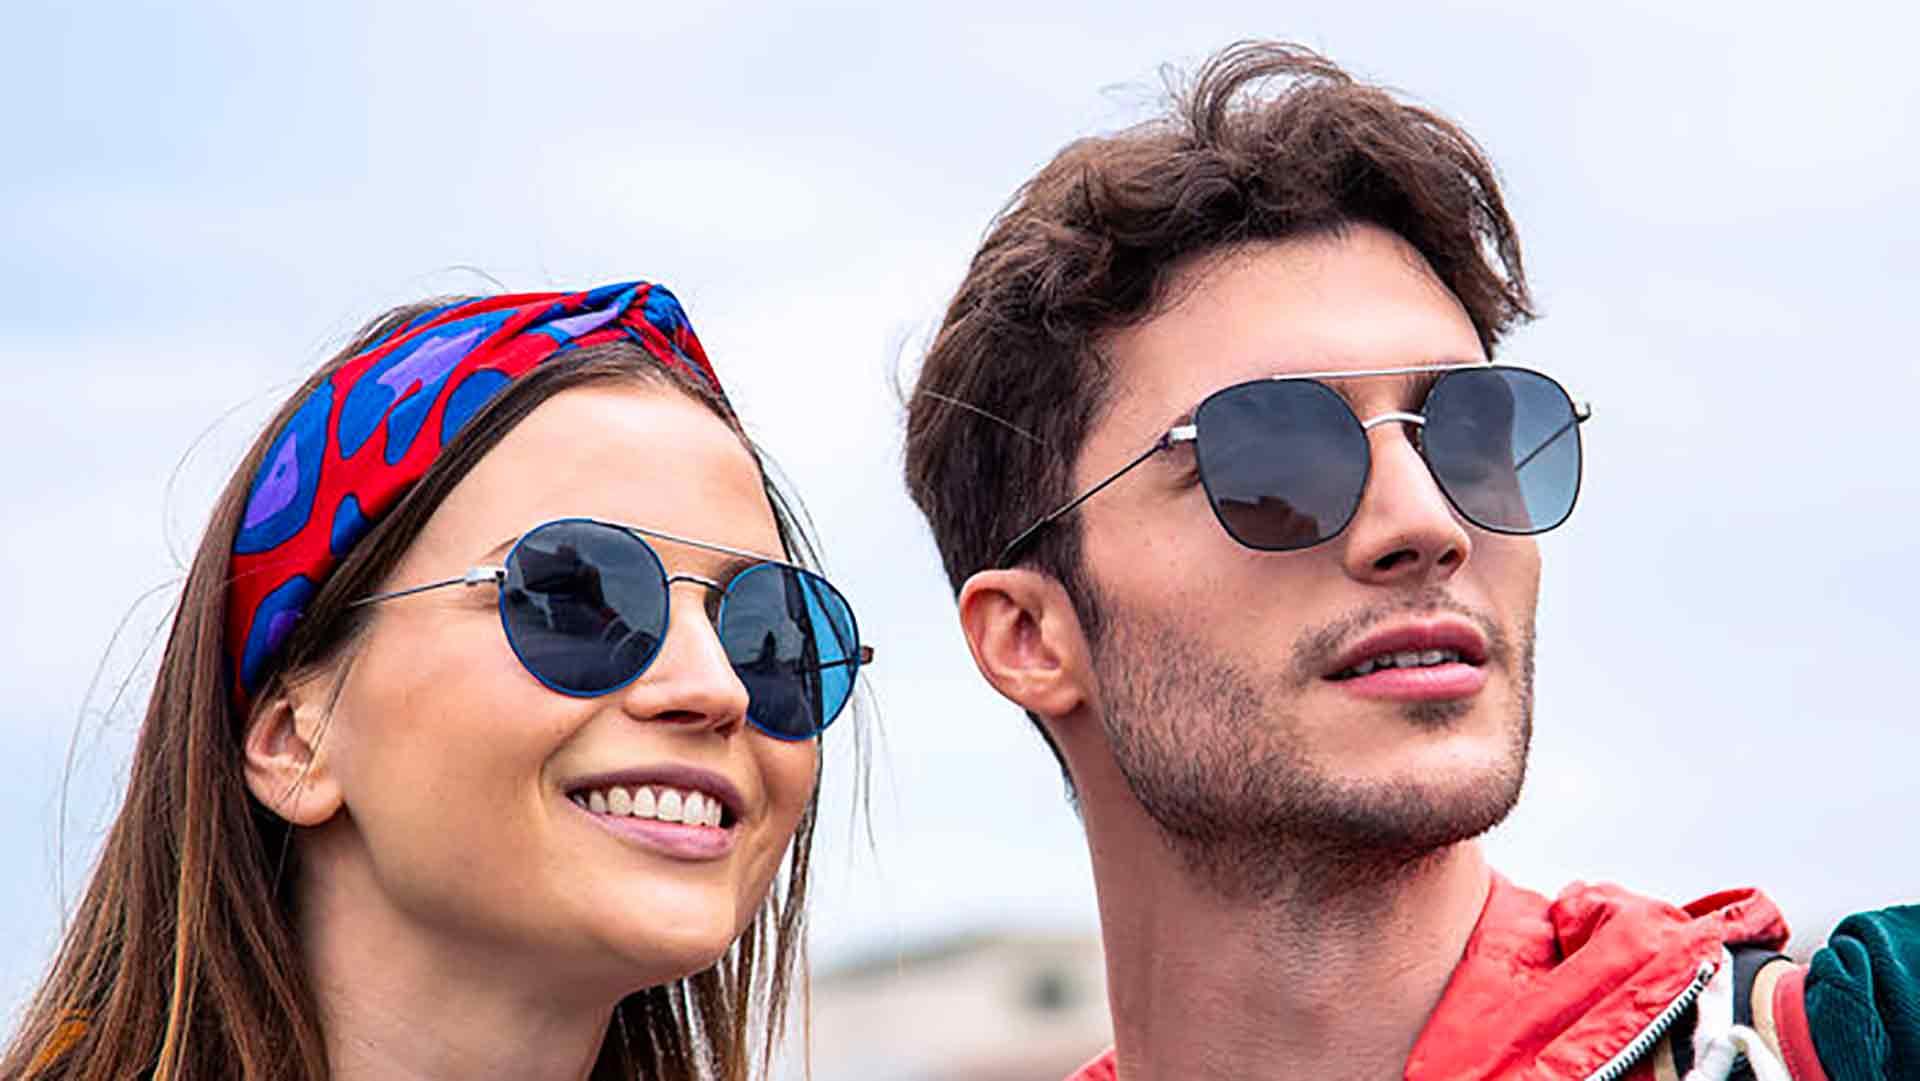 Tester profumi, profumi e occhiali da sole